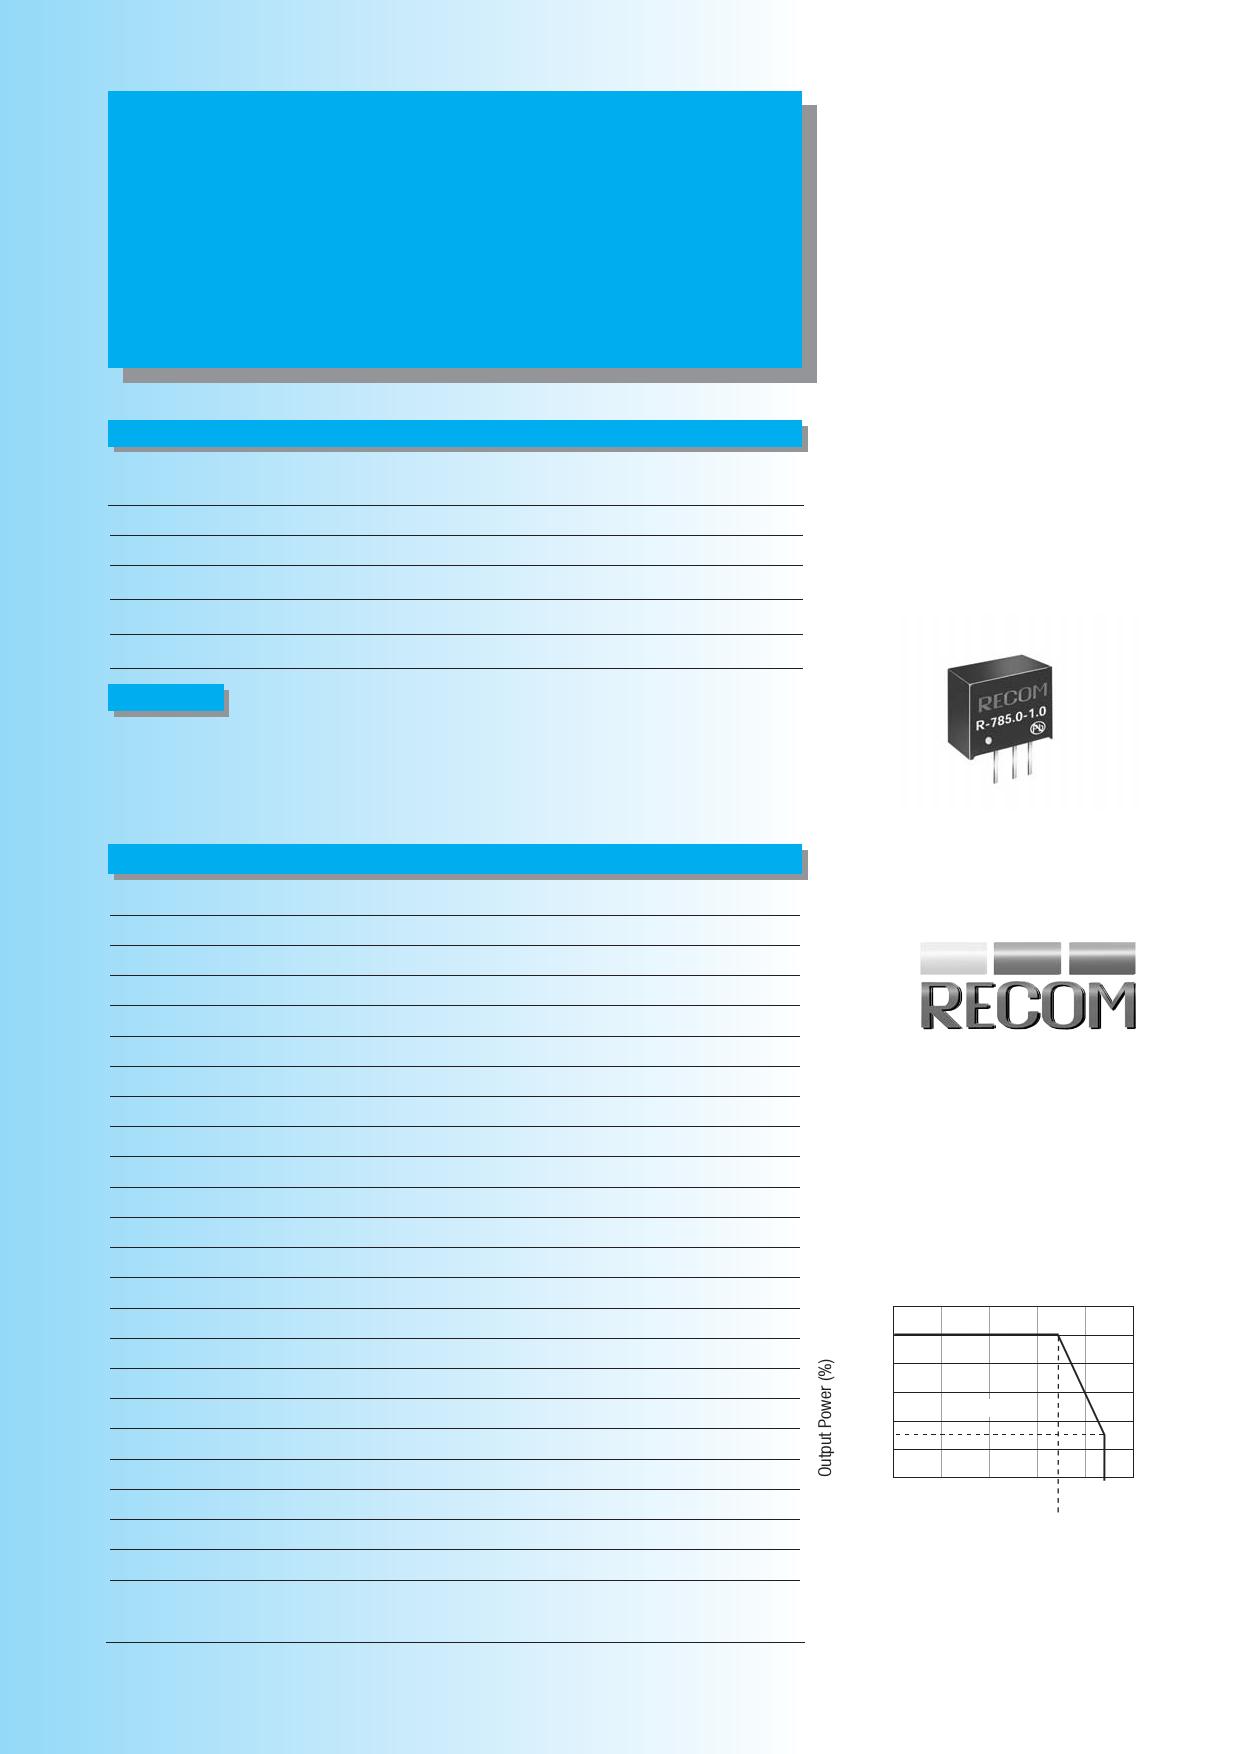 R-7xxxx-1.0 datasheet